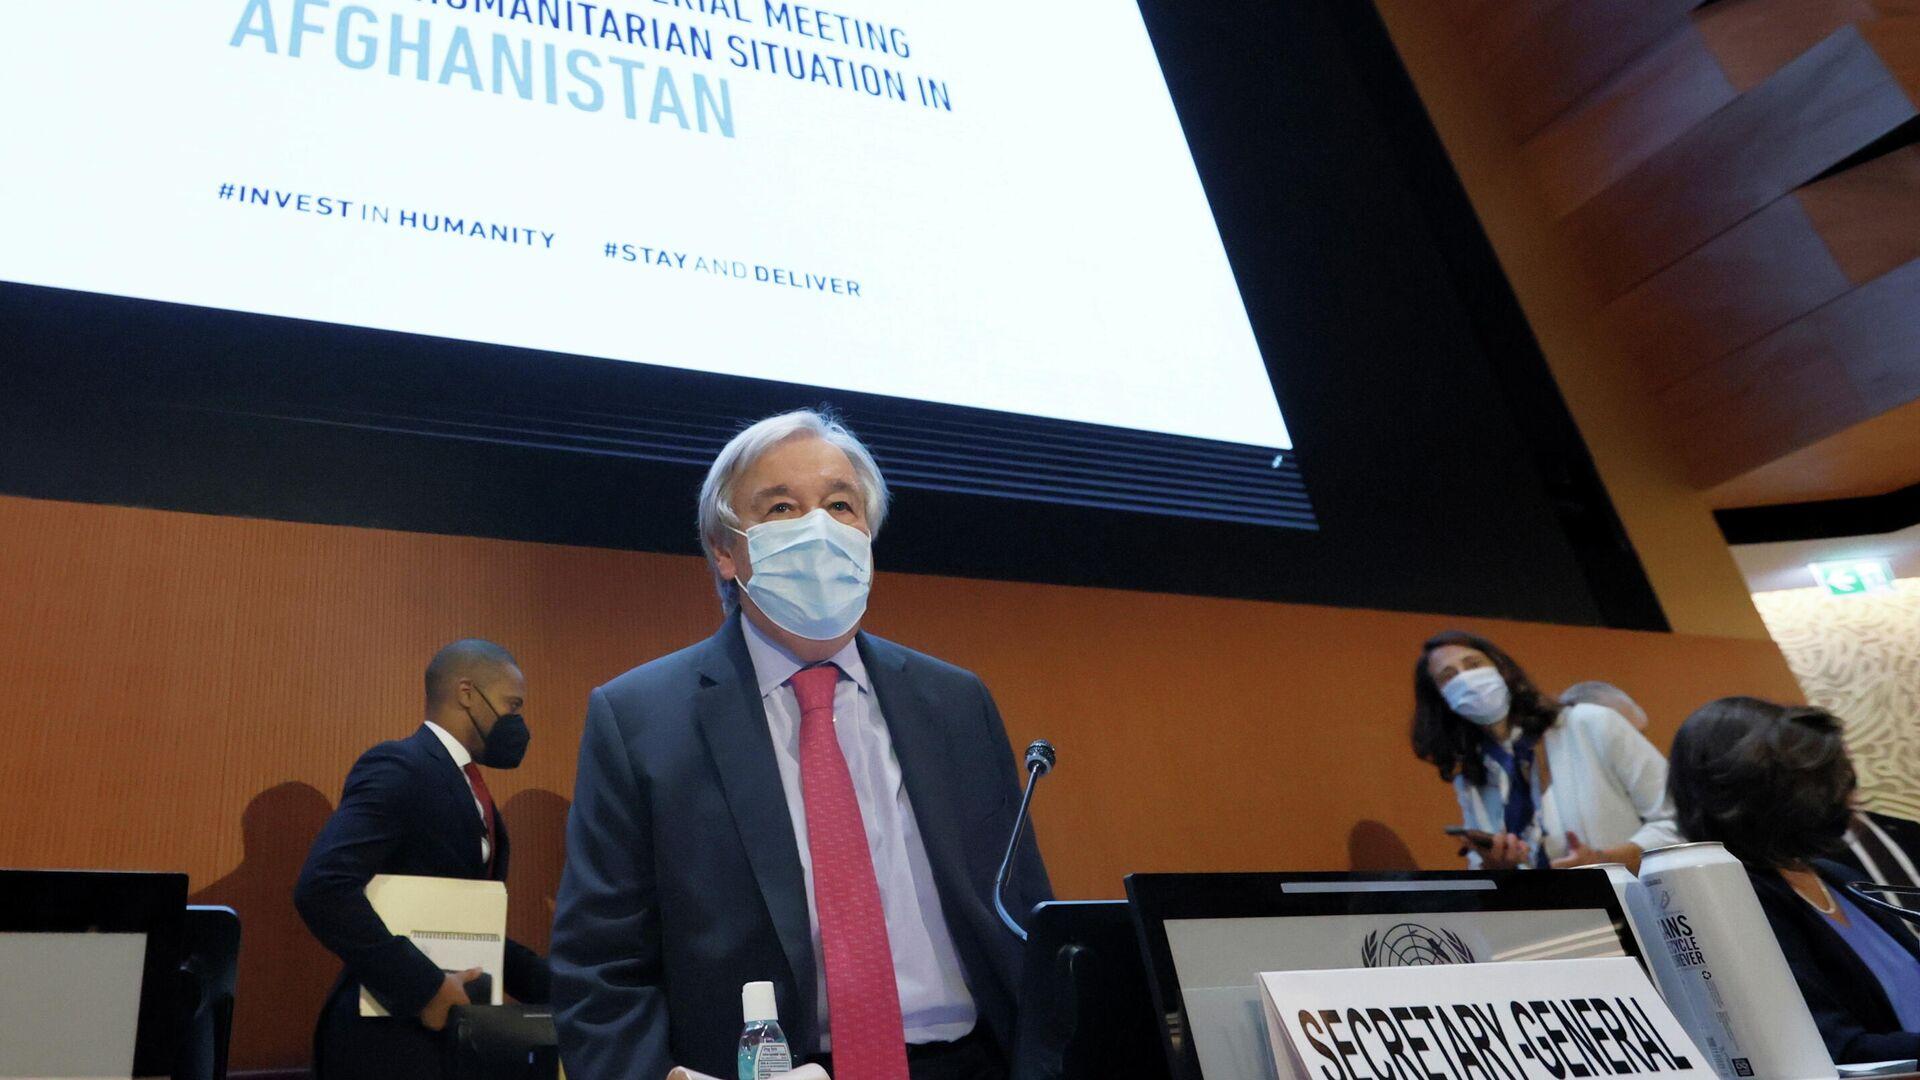 El secretario general de la Organización de las Naciones Unidas (ONU), António Guterres - Sputnik Mundo, 1920, 13.09.2021